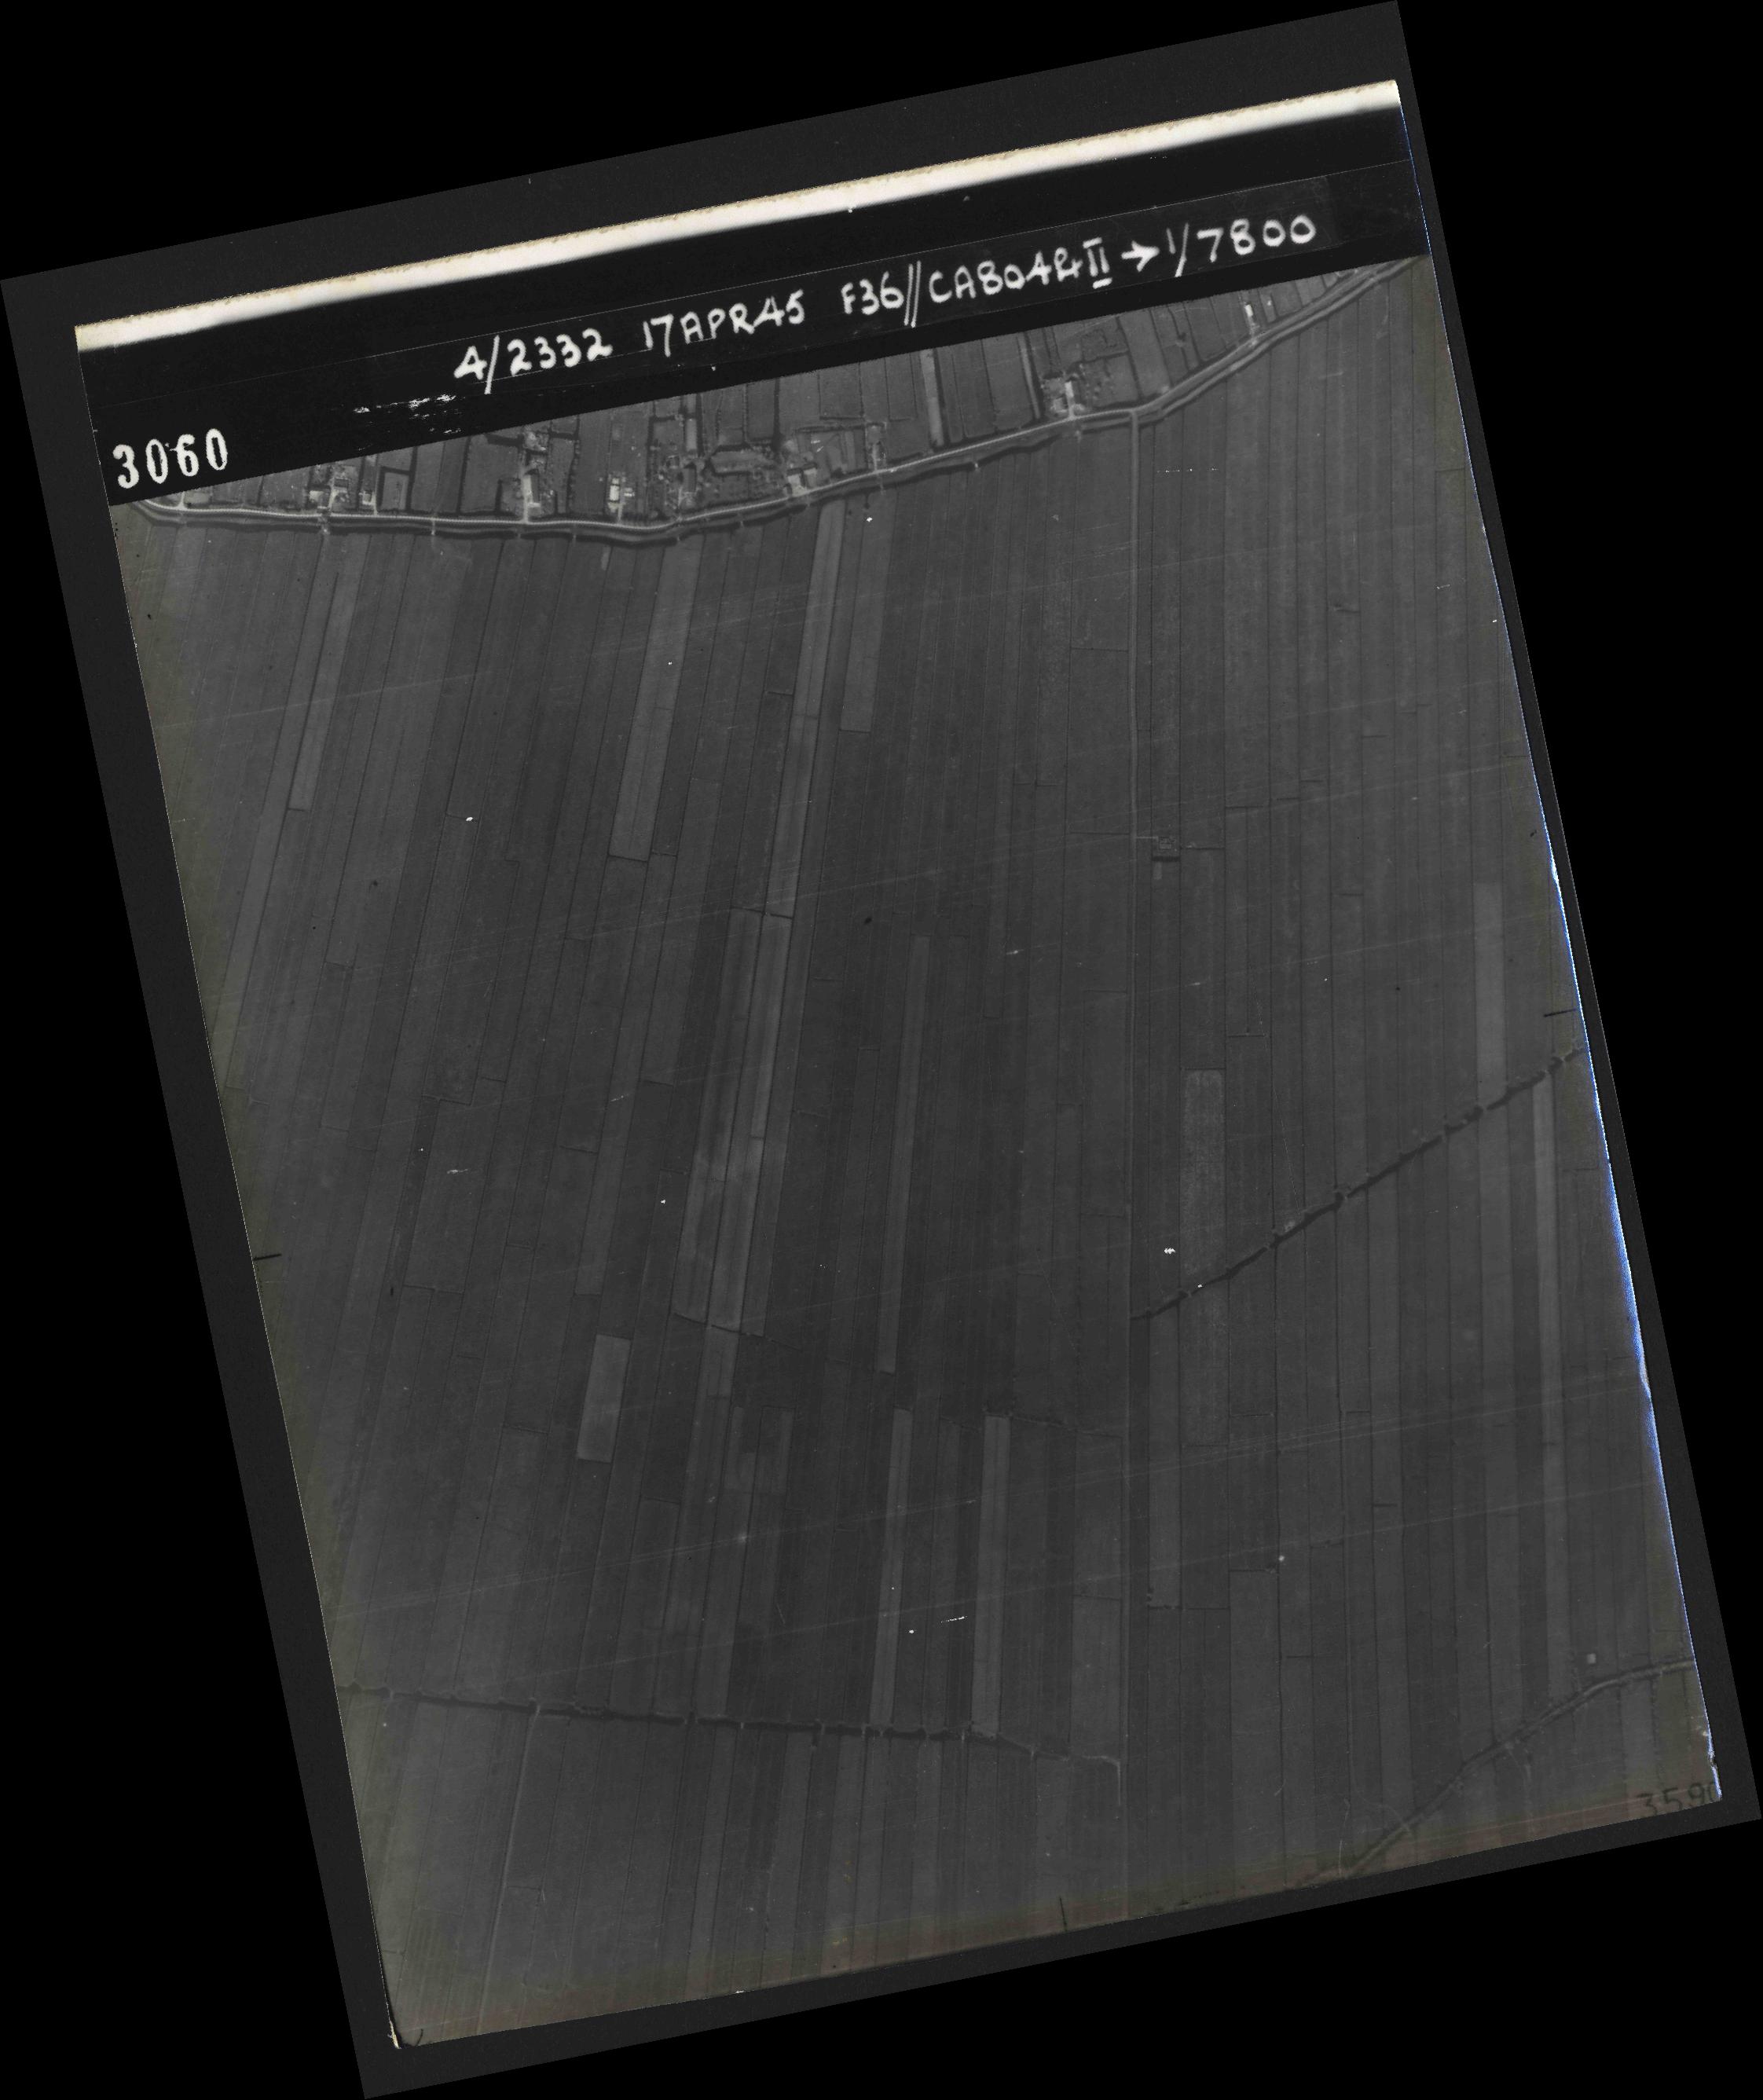 Collection RAF aerial photos 1940-1945 - flight 011, run 02, photo 3060